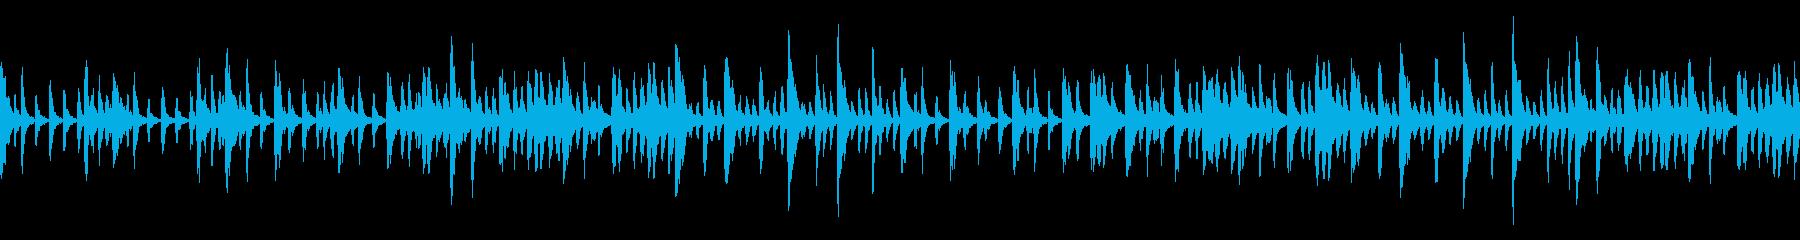 不思議な雰囲気のBGM(ループ仕様)の再生済みの波形